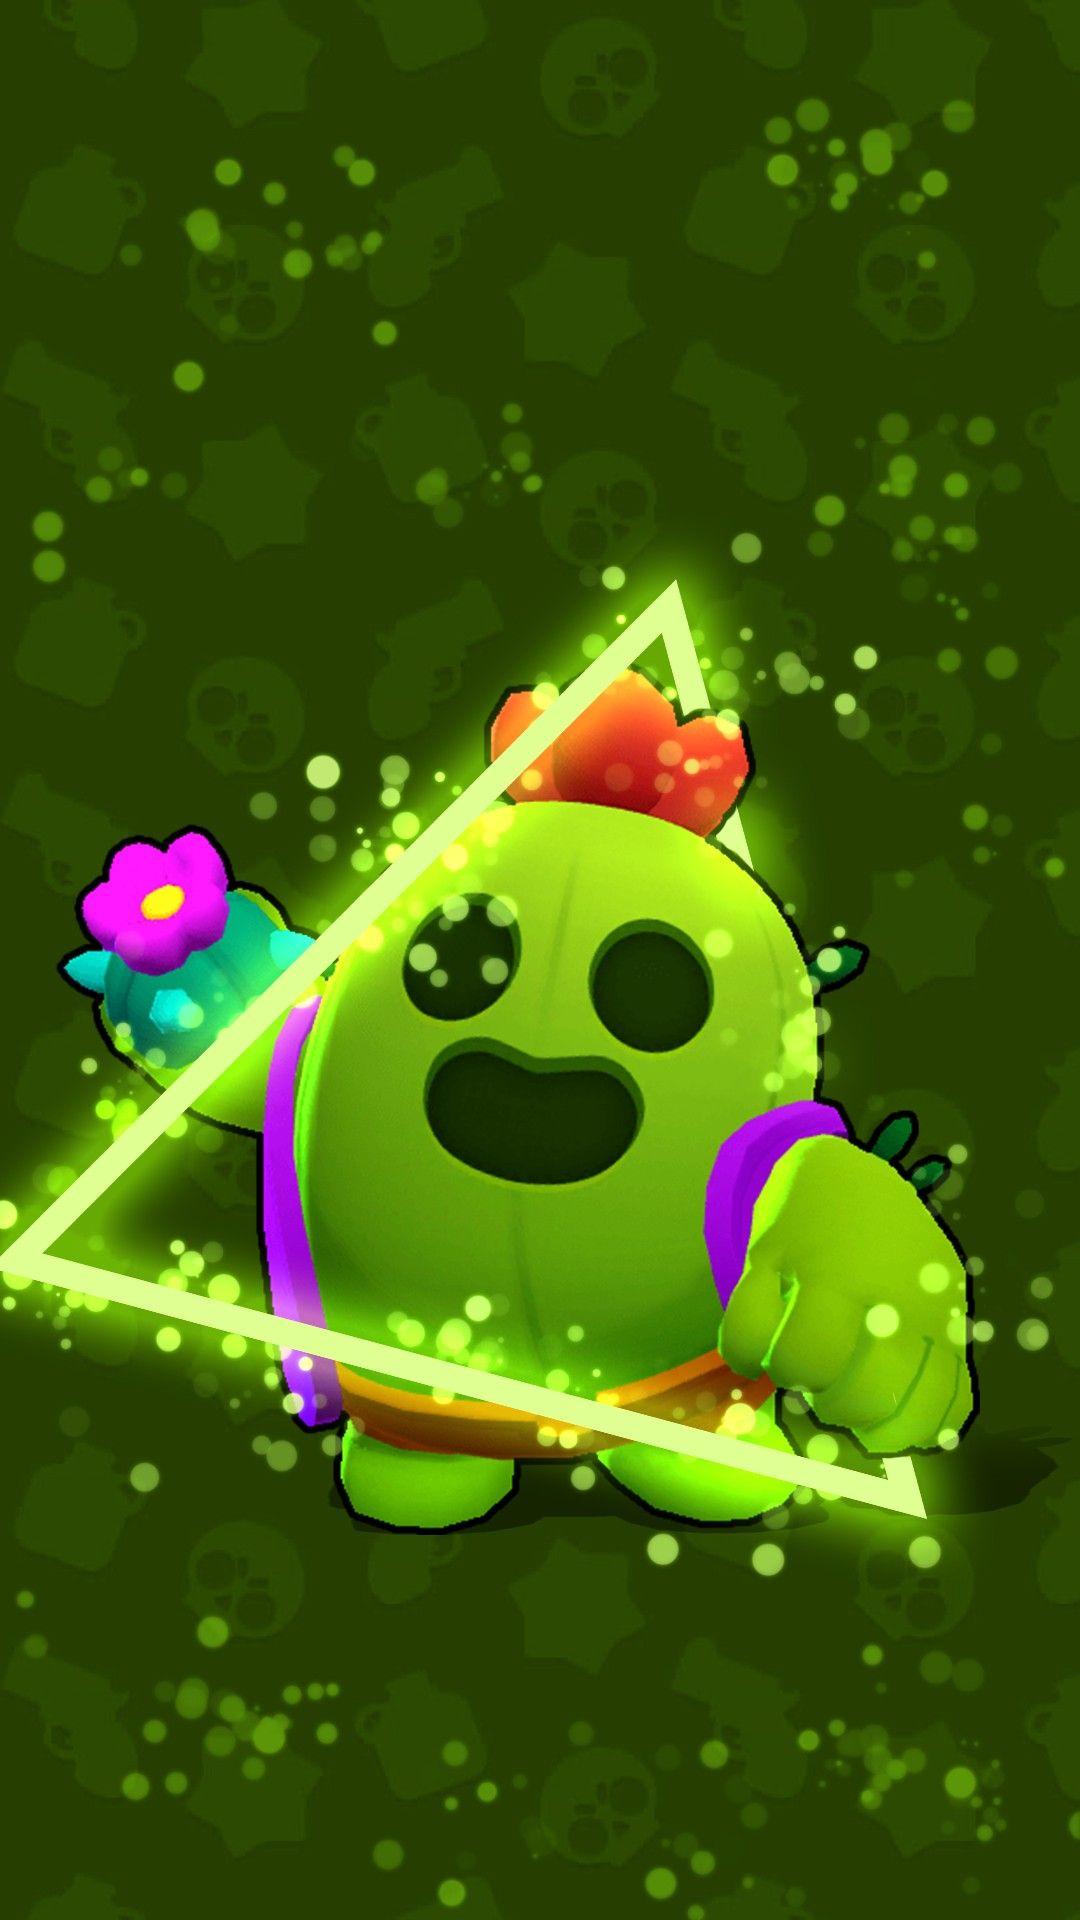 Spike neon | Звезда обои, Хиппи обои, Граффитчики